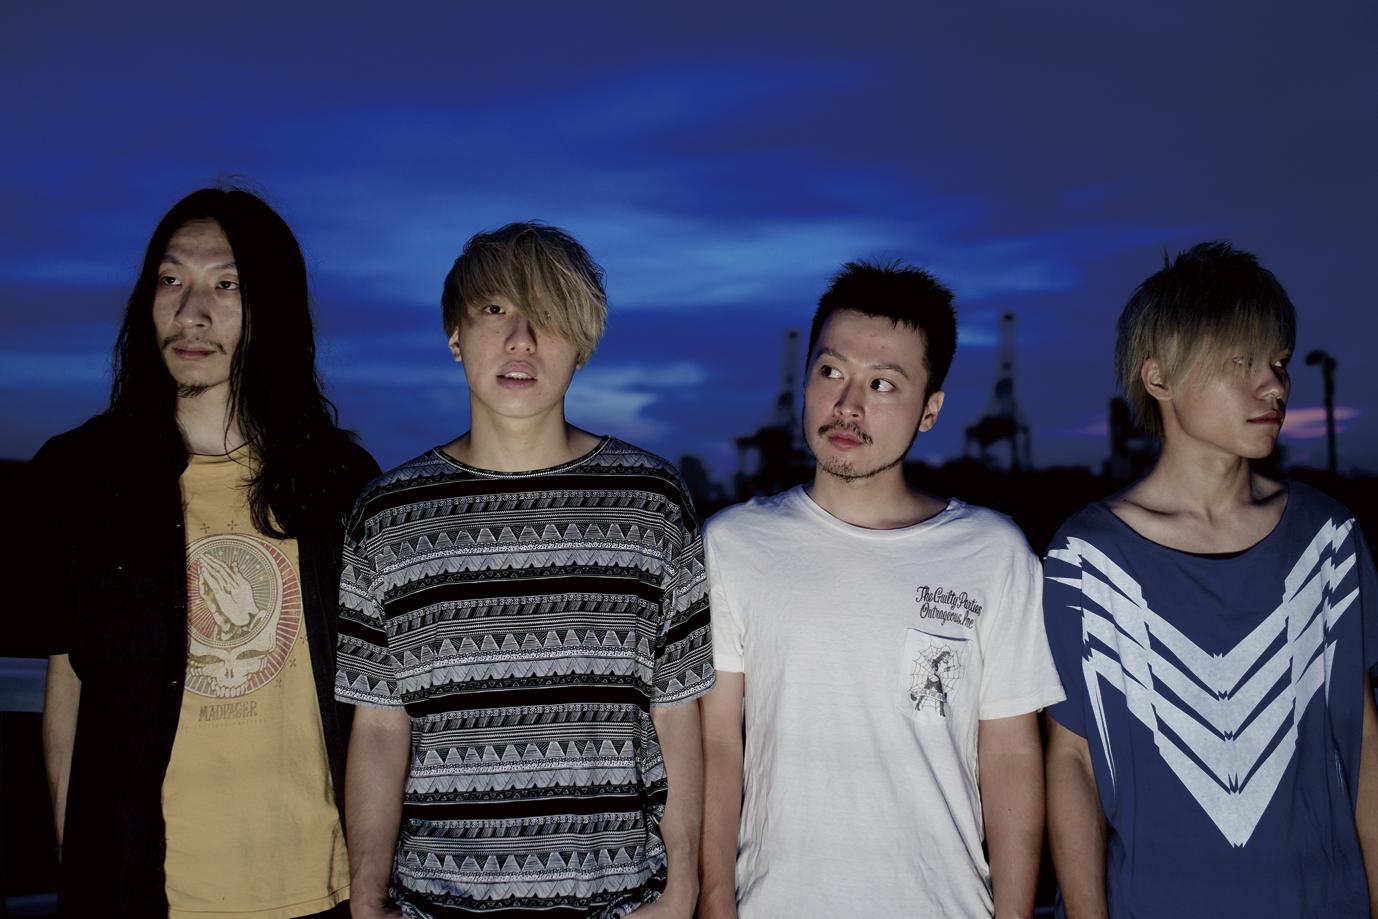 L→R 佐々木ヒロシ(Dr)、ノホリサチオ(Vo&Gu)、YUJI(Ba)、濁川優樹(Gu)